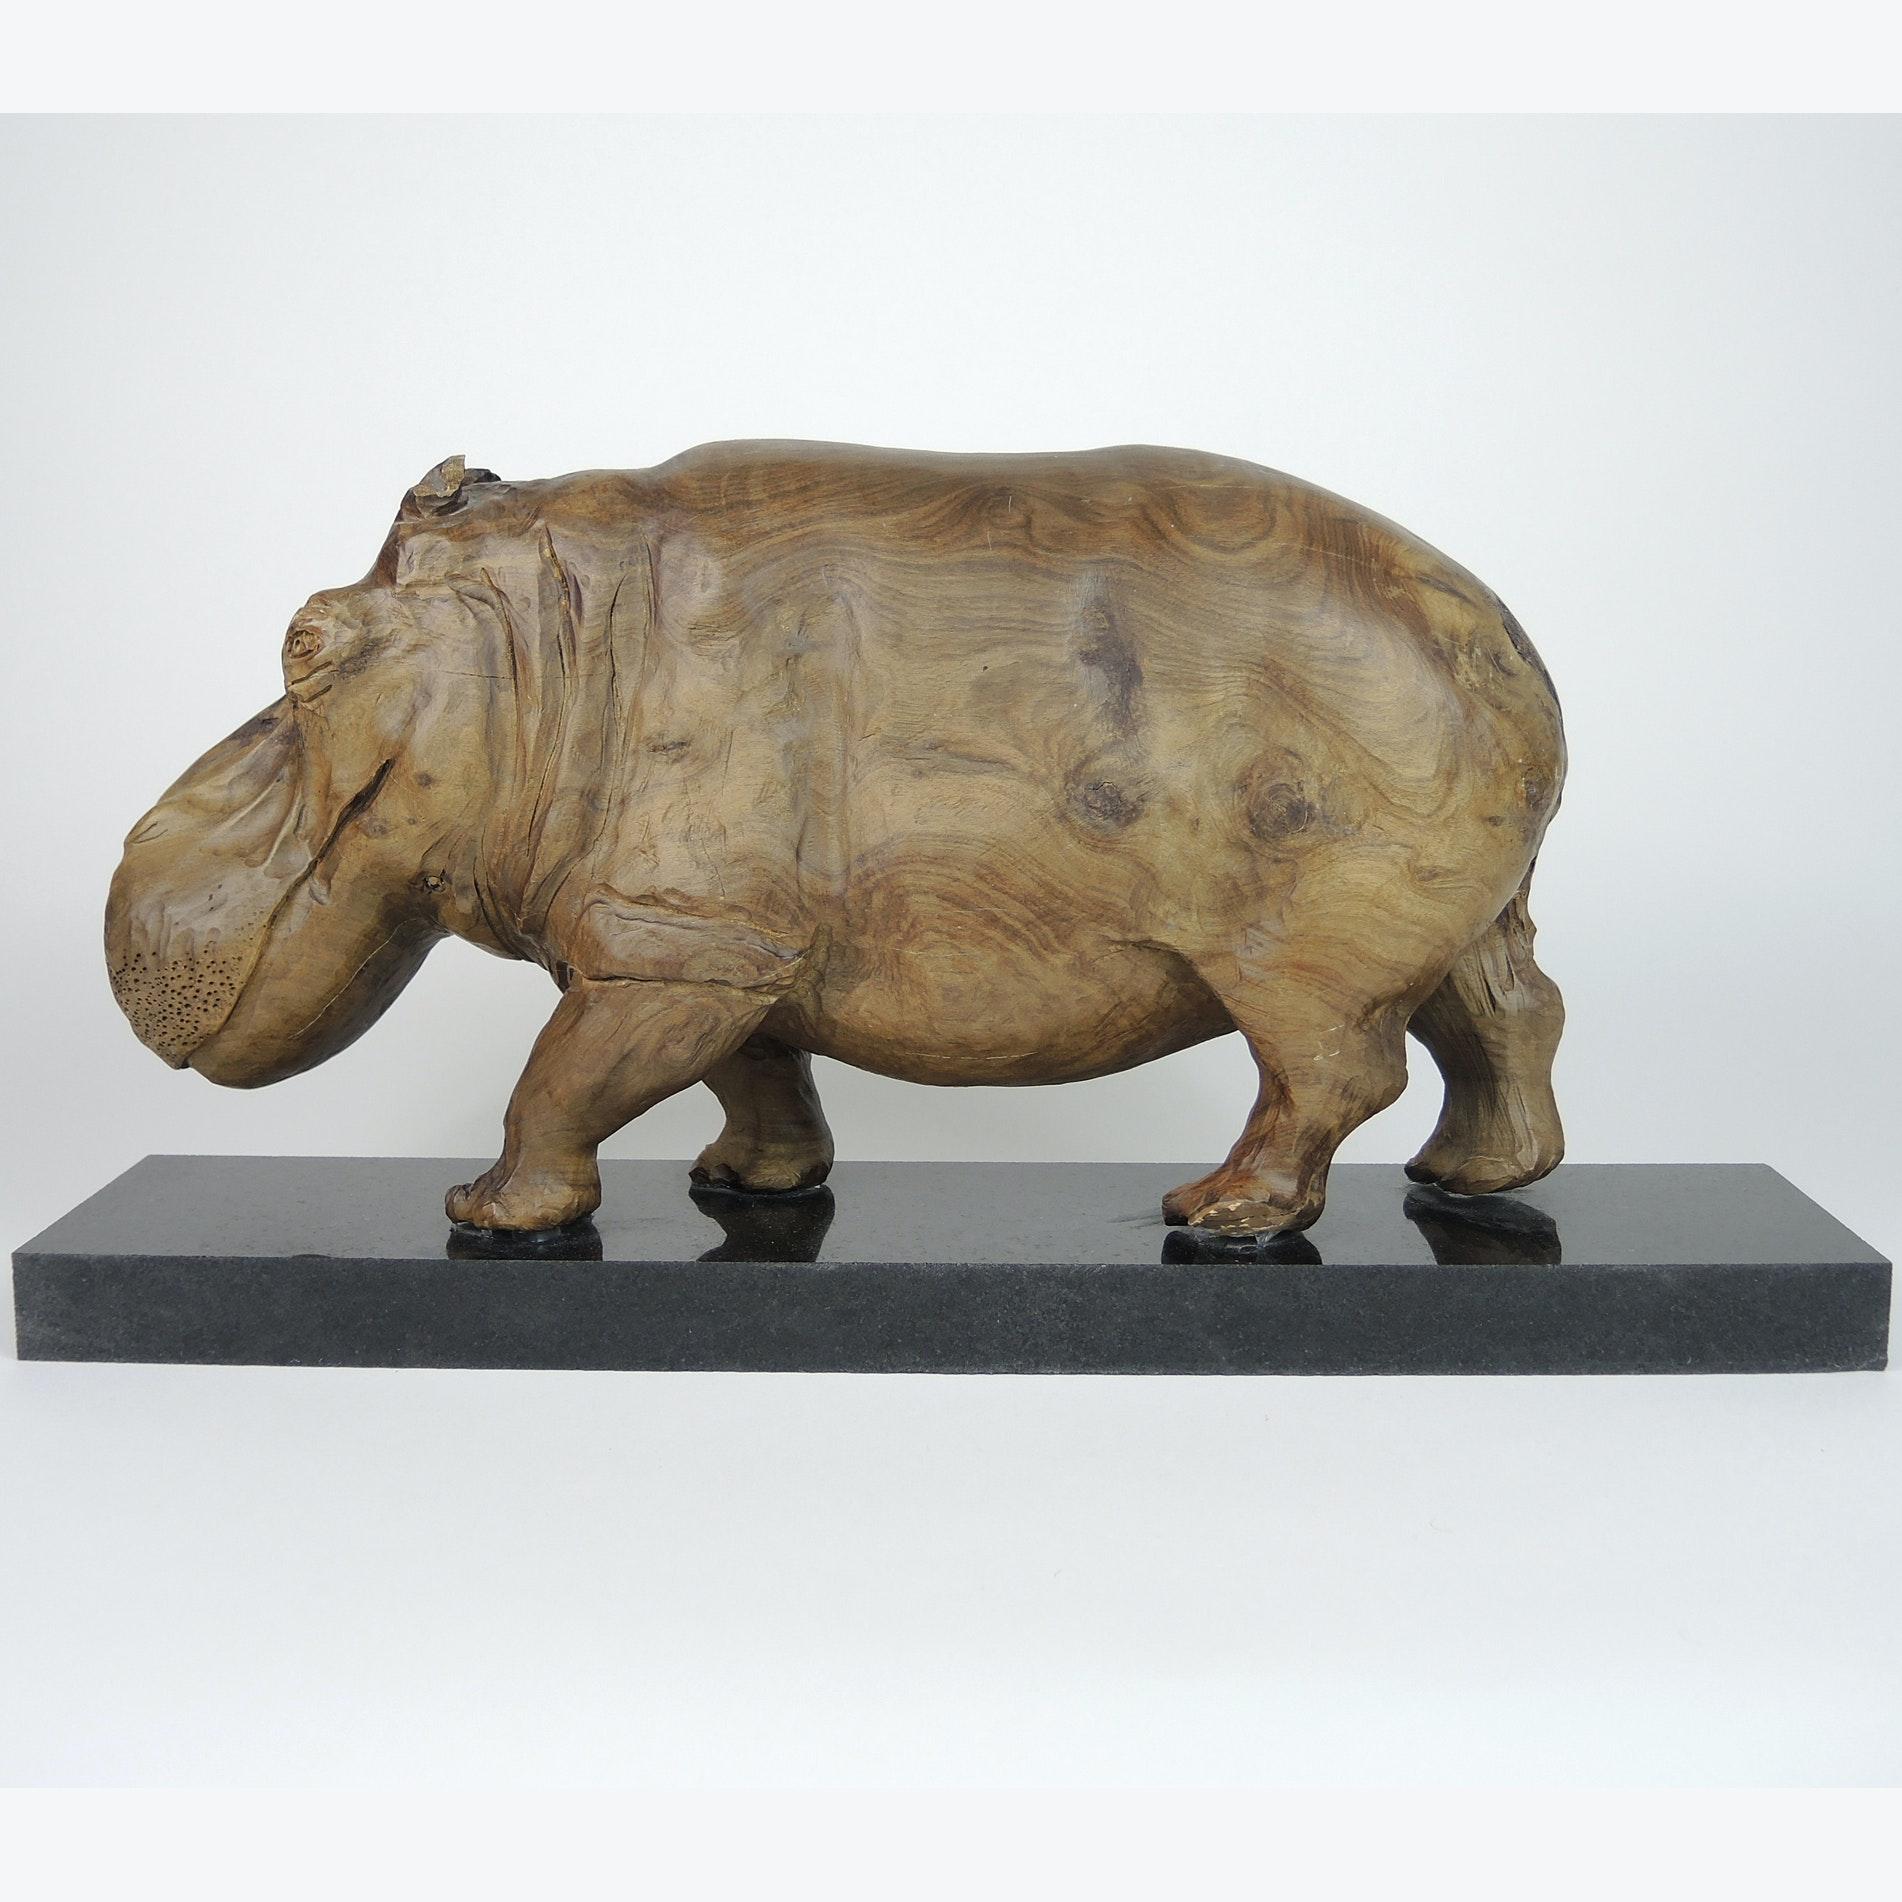 Solid Wood Hippopotamus Sculpture